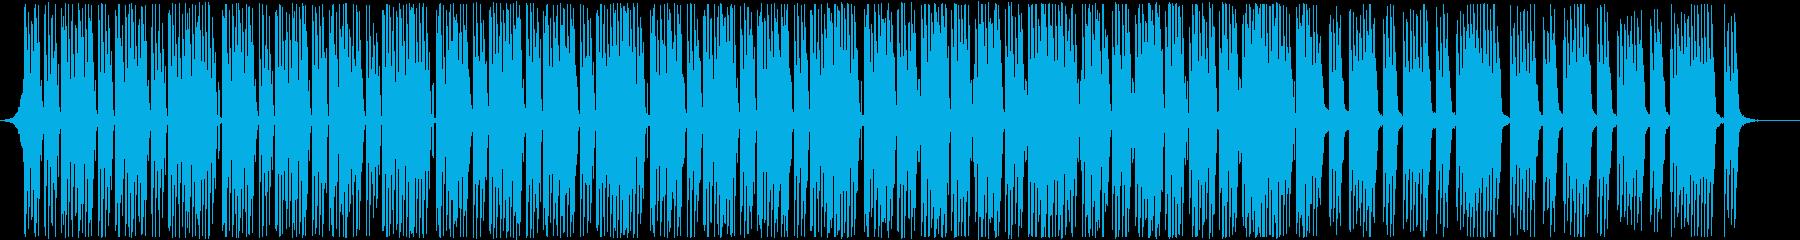 ポップな Future Bassの再生済みの波形